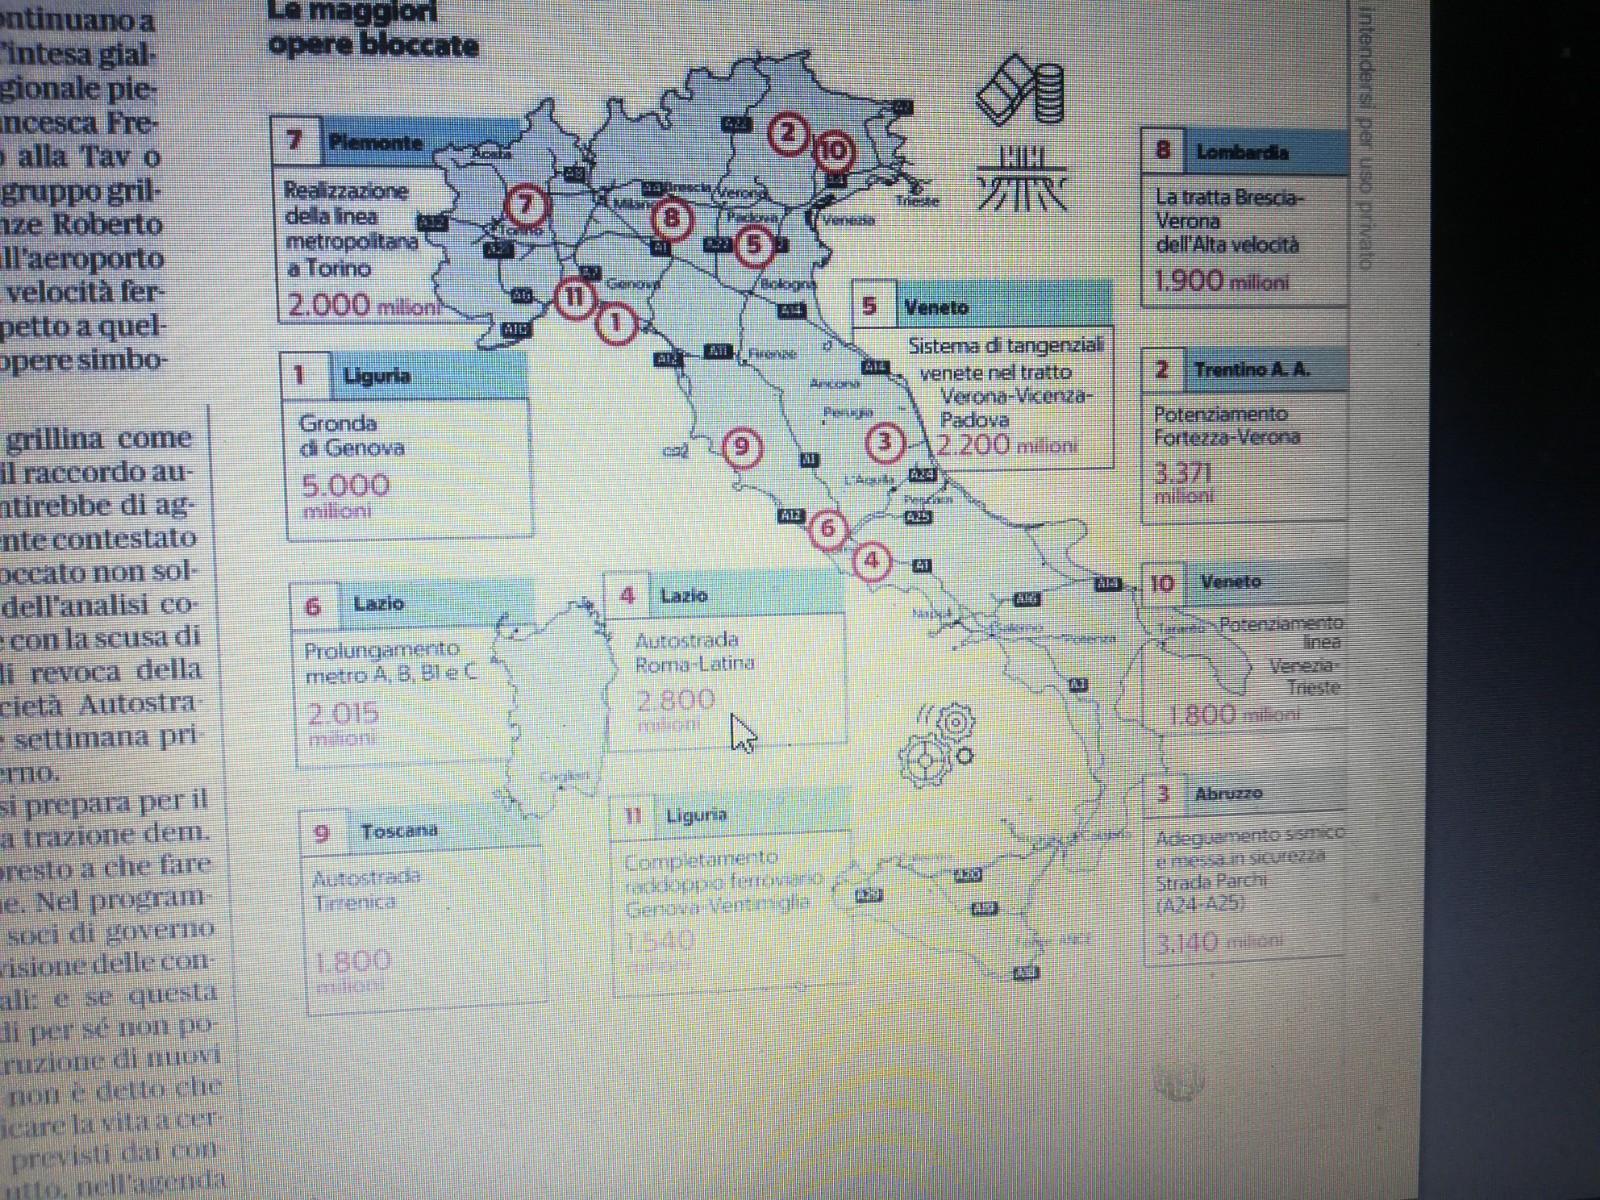 Cartina Nord.Se Una Cartina Sul Nord Racconta E Denuncia Non Volendo Solo La Tragedia Del Sud